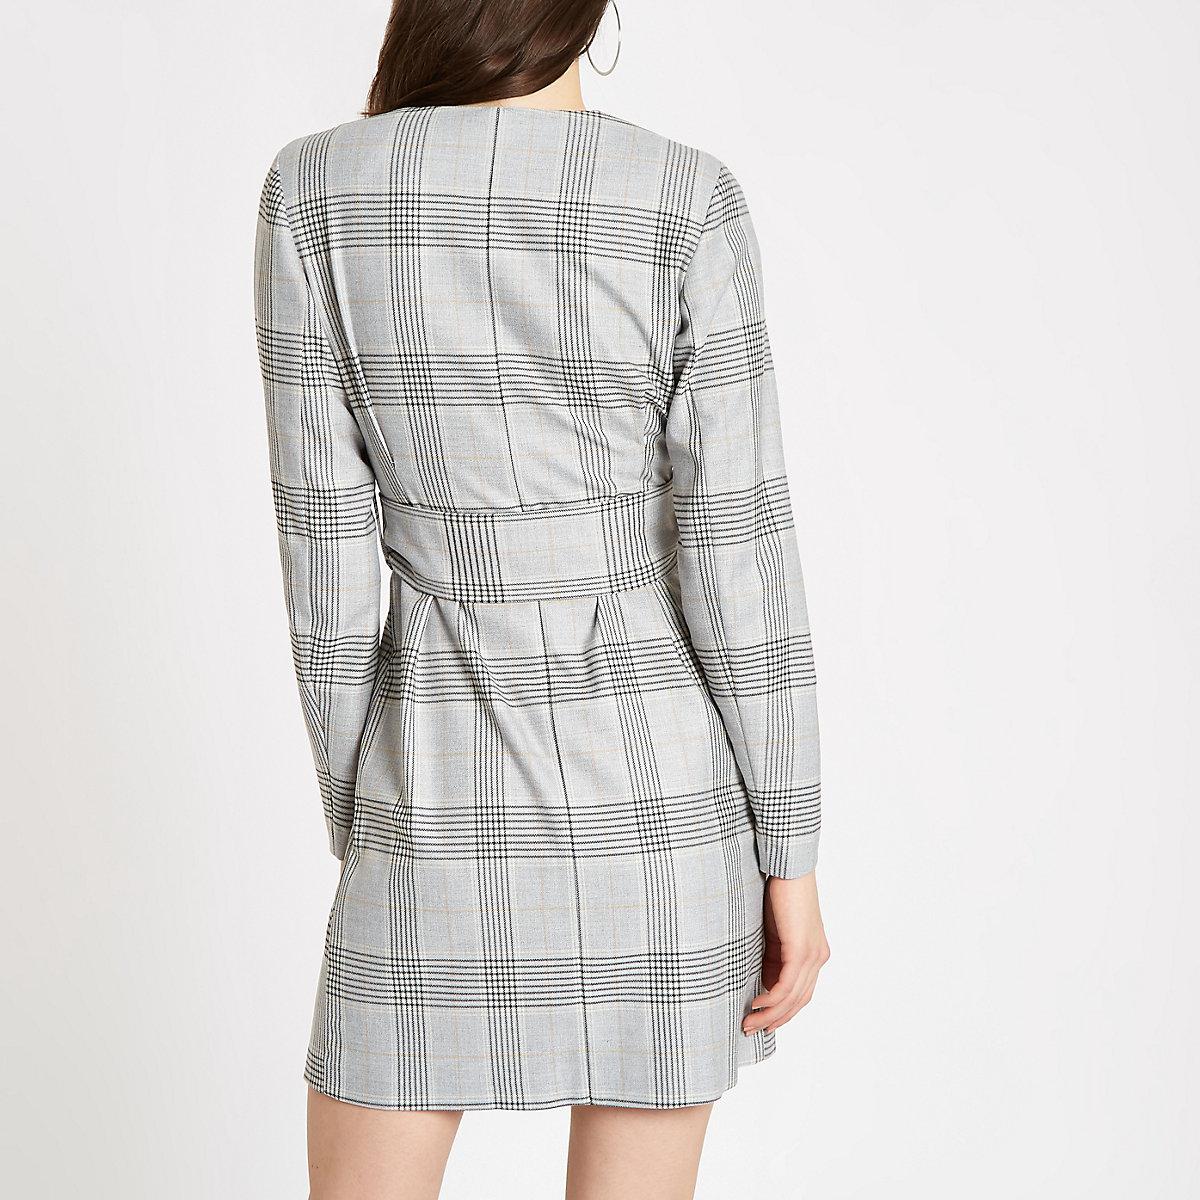 Robe portefeuille à carreaux grise avec ceinture - Robes trapèze ... 6da2e1fbcd4